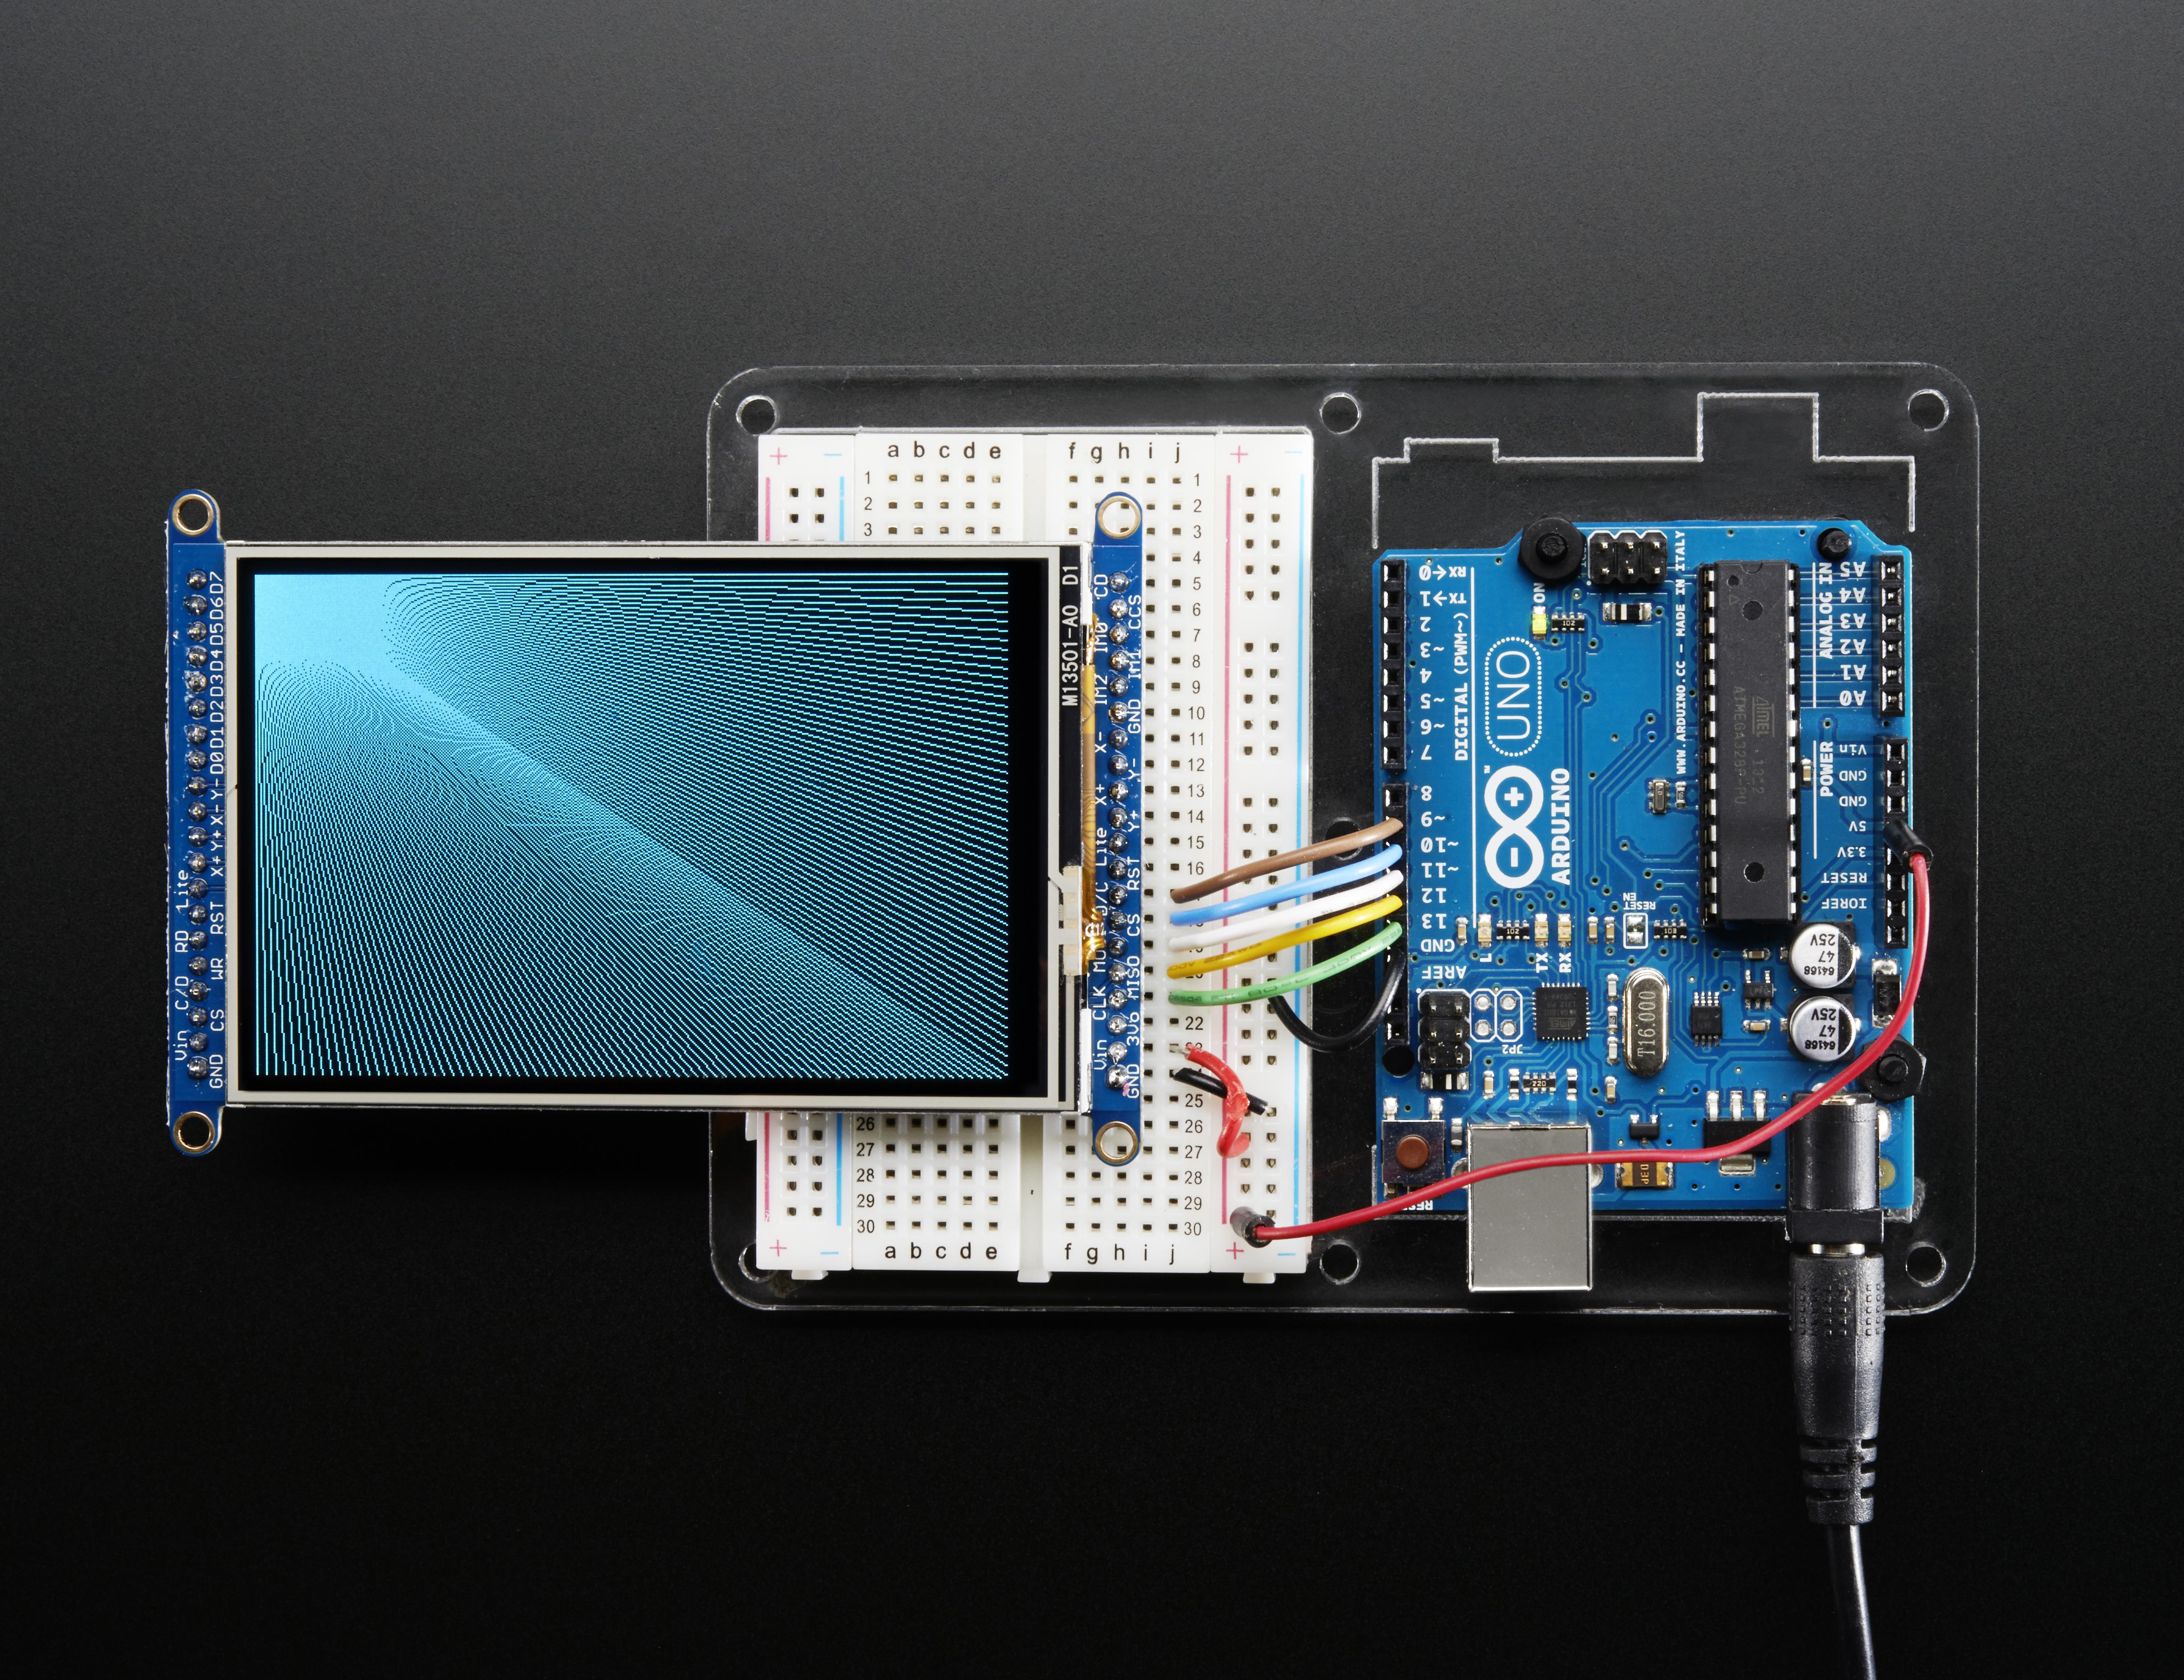 adafruit_products_2050_top_demo_alt_02_ORIG.jpg